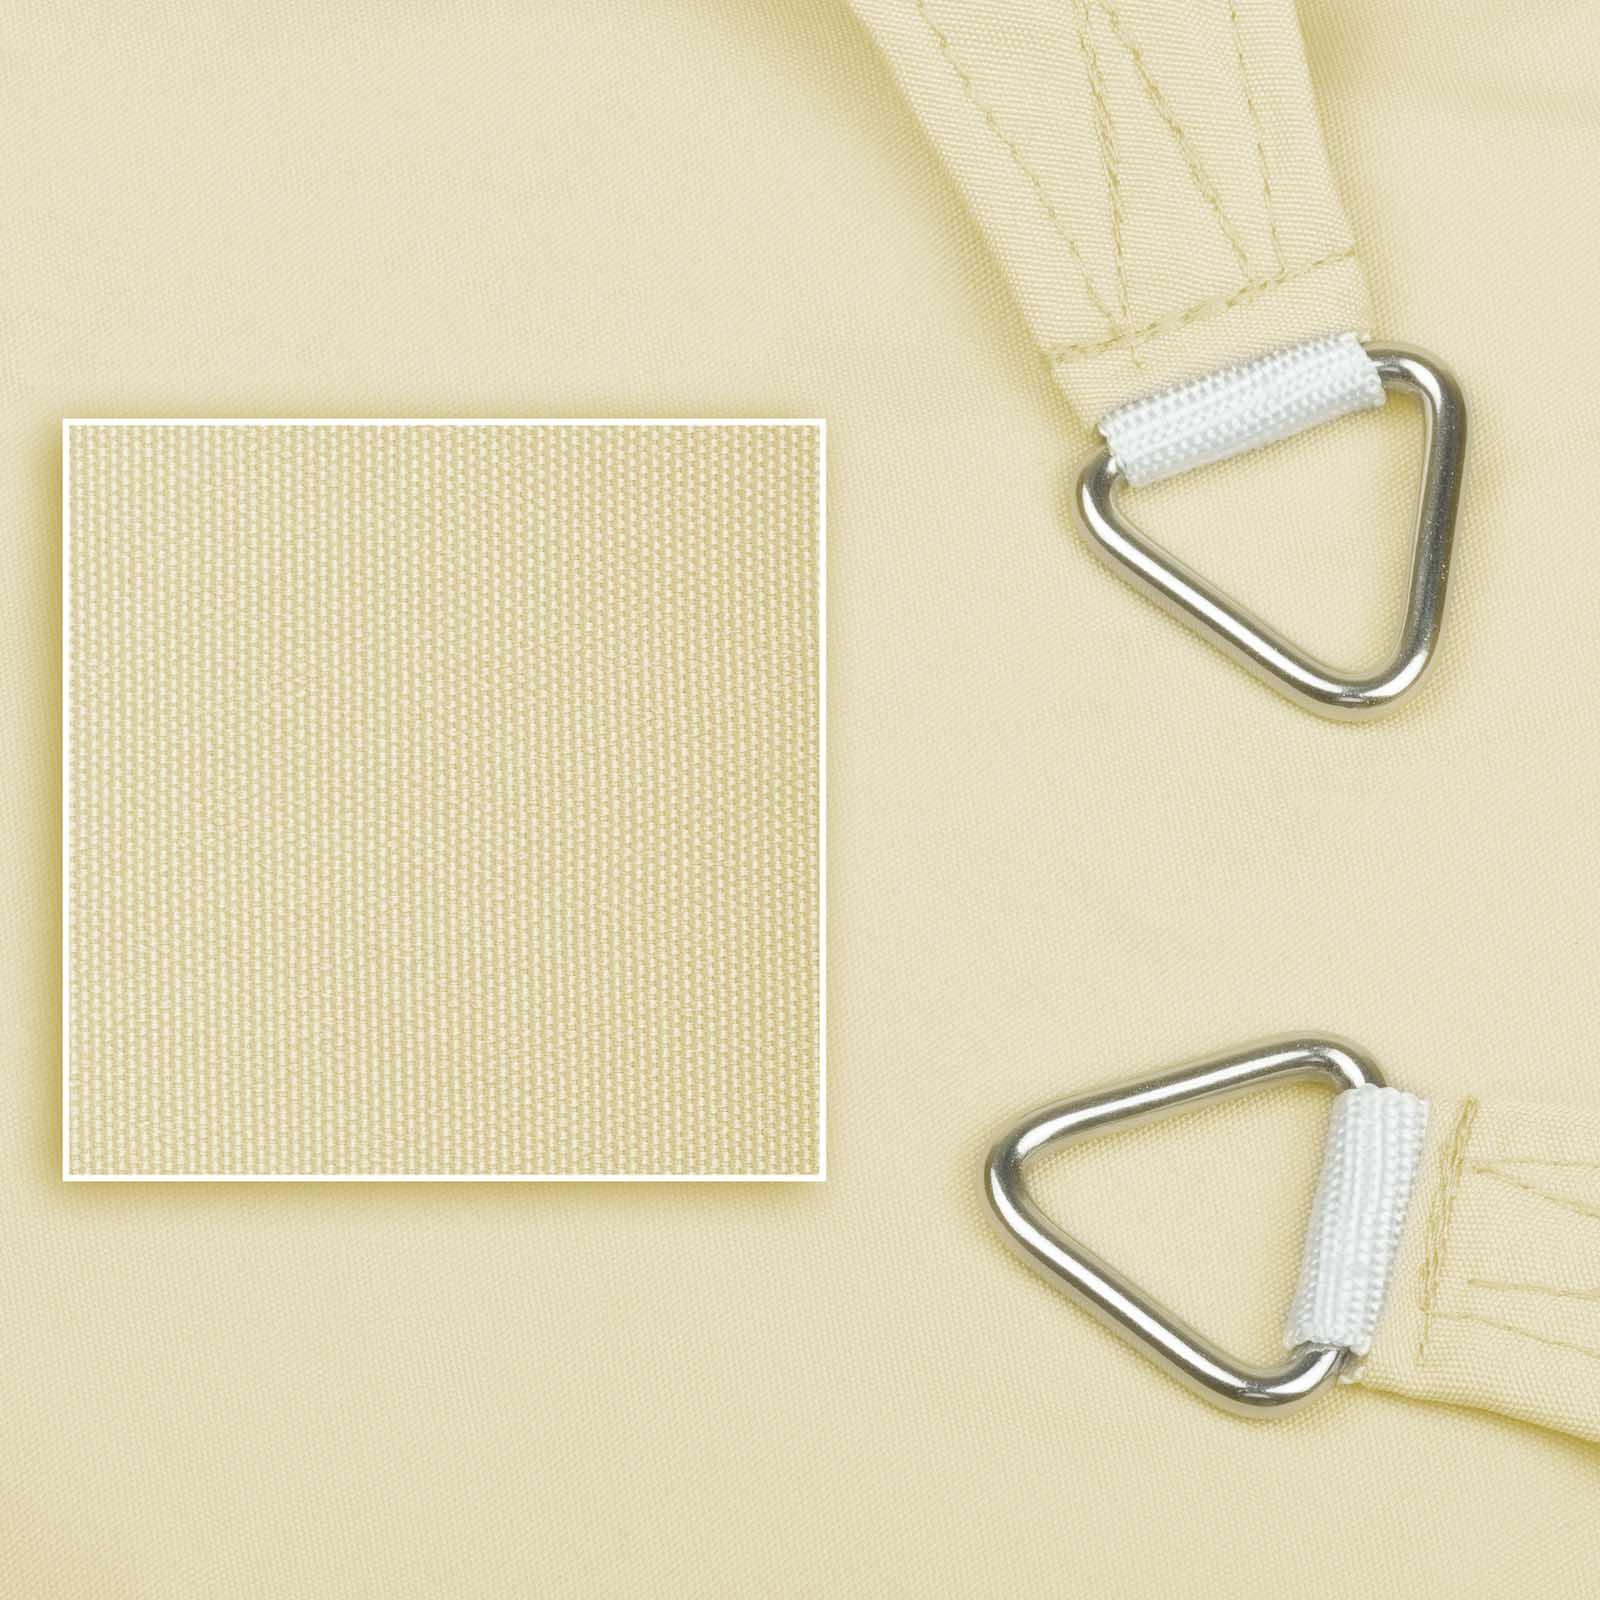 hanse marken sonnensegel wasserabweisend 100 polyester ebay. Black Bedroom Furniture Sets. Home Design Ideas